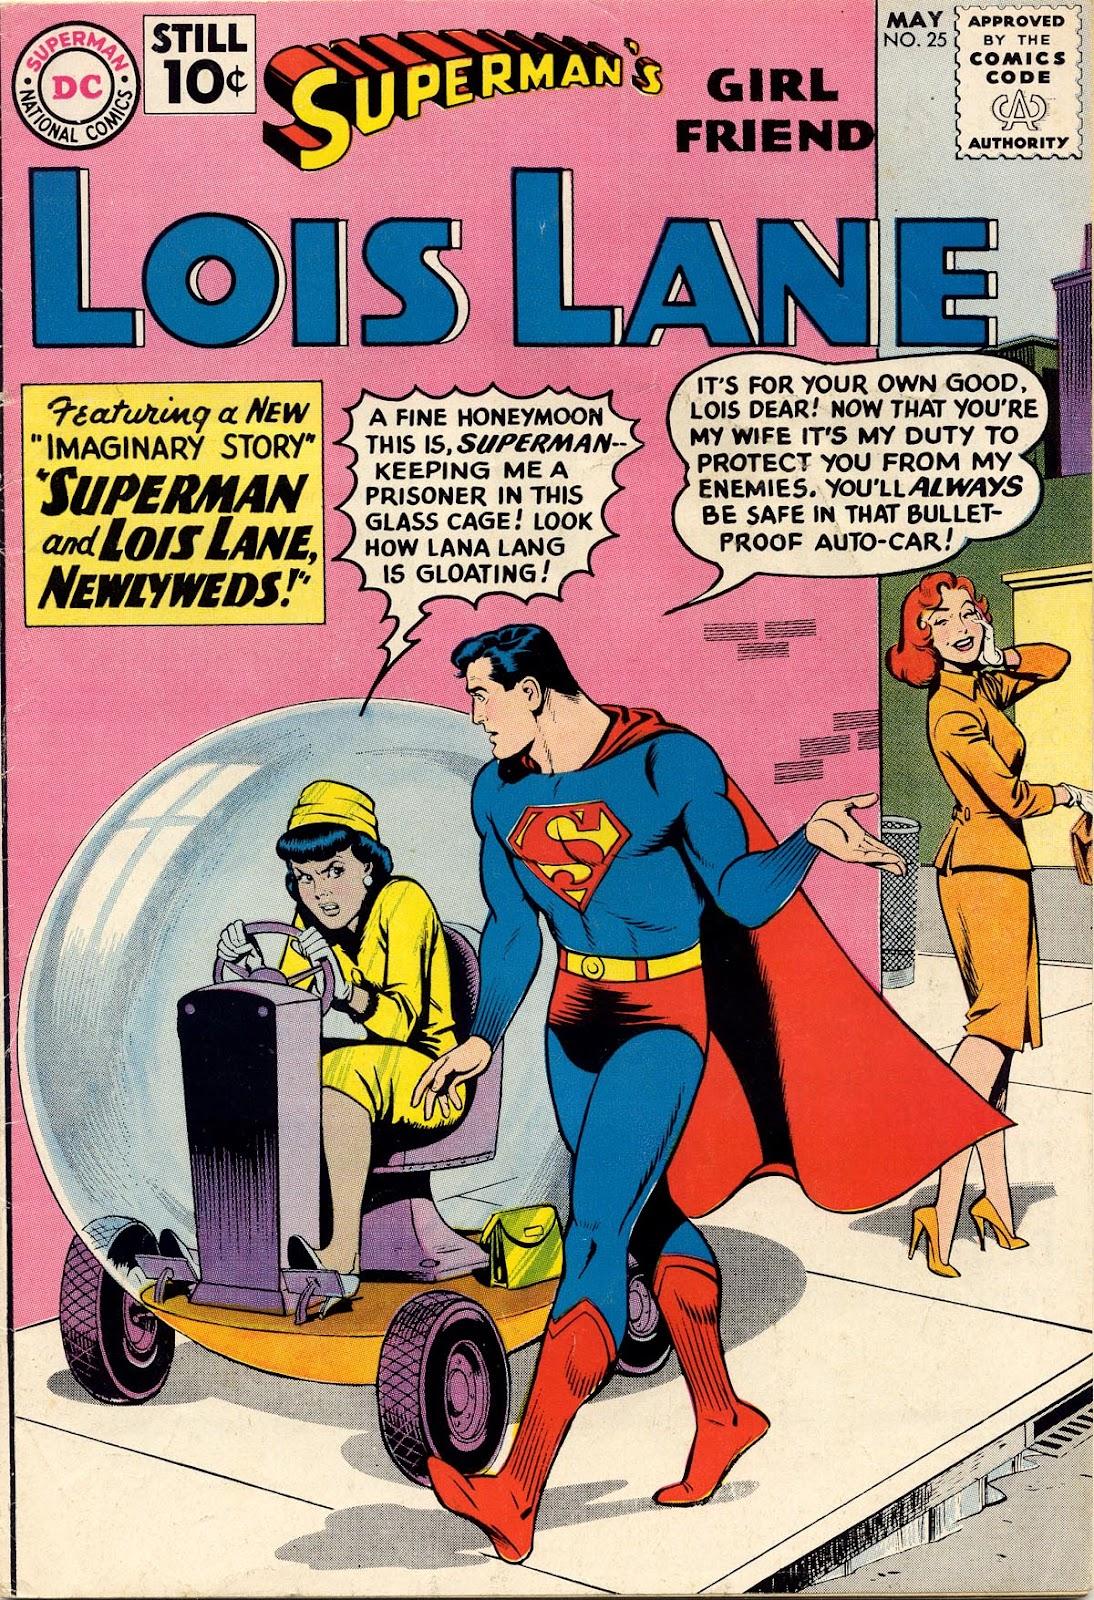 Supermans Girl Friend, Lois Lane 25 Page 1